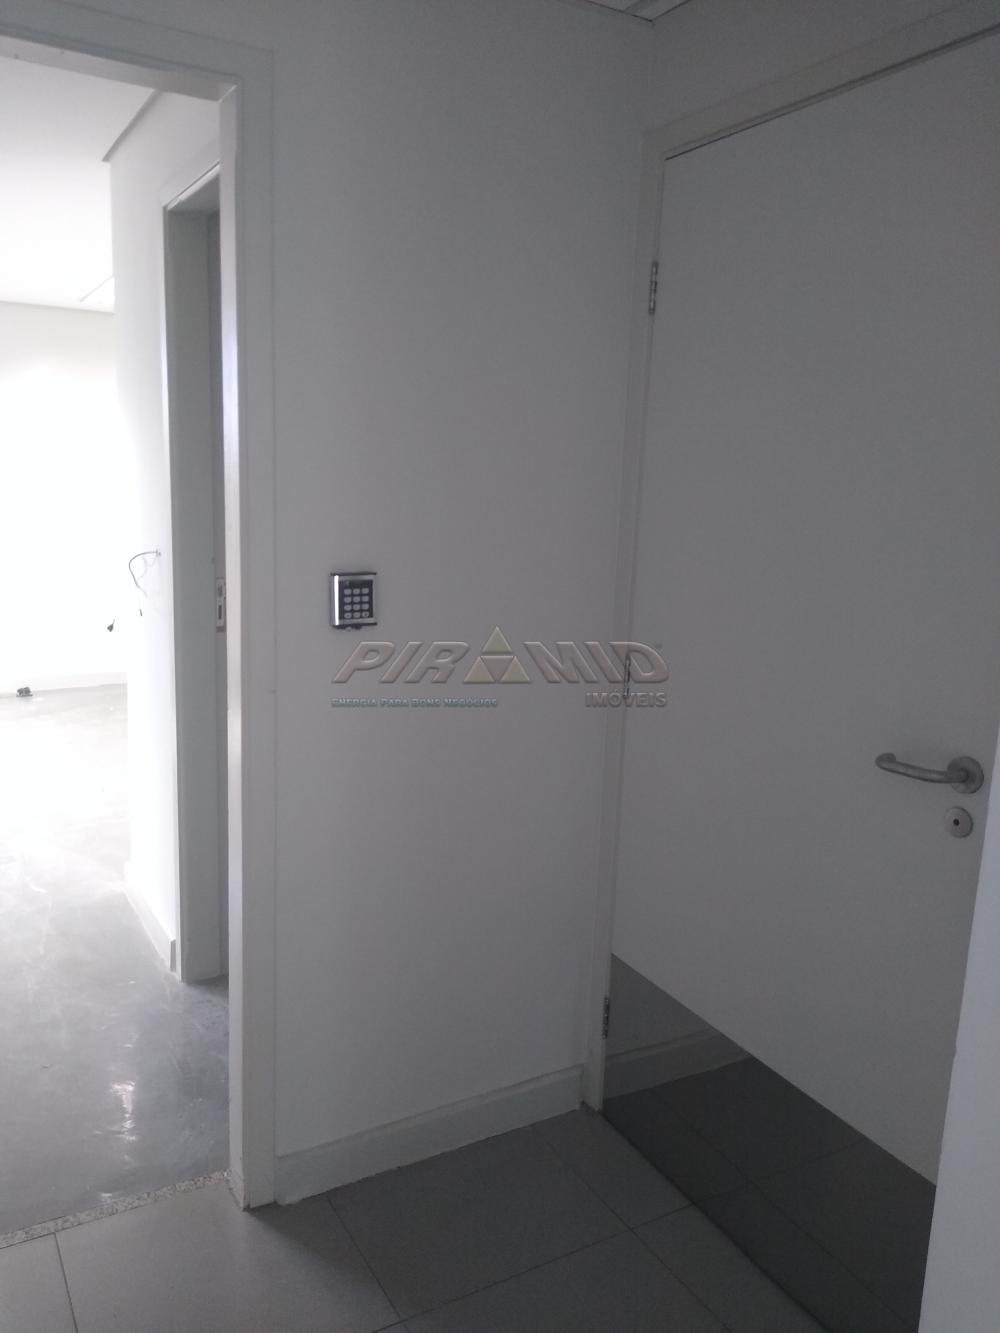 Alugar Comercial / Prédio em Ribeirão Preto apenas R$ 16.000,00 - Foto 109